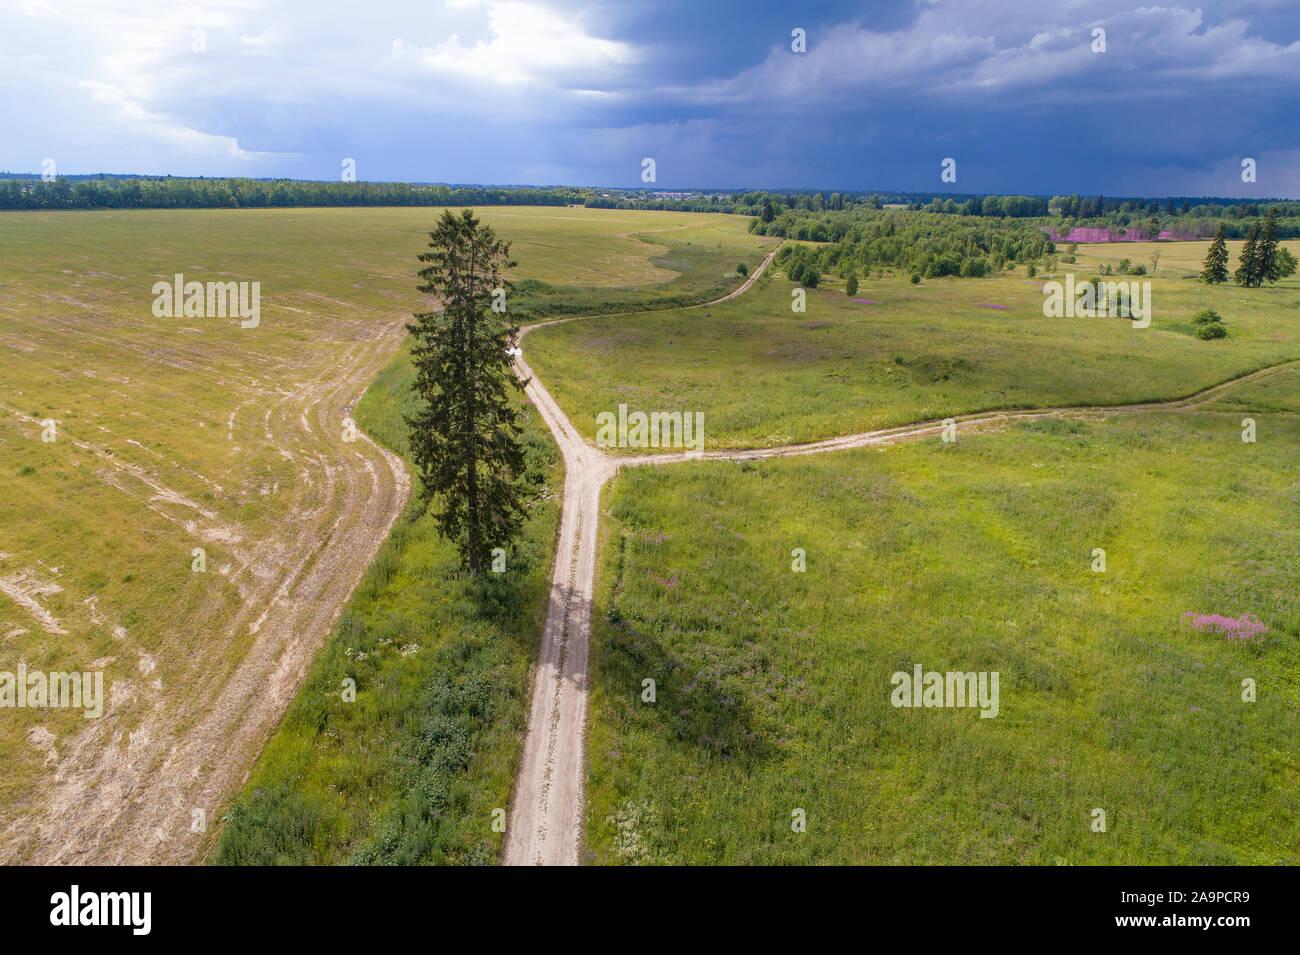 Land straße im Juli Landschaft vor einem Gewitter (Luftaufnahmen). Region Leningrad, Russland Stockfoto